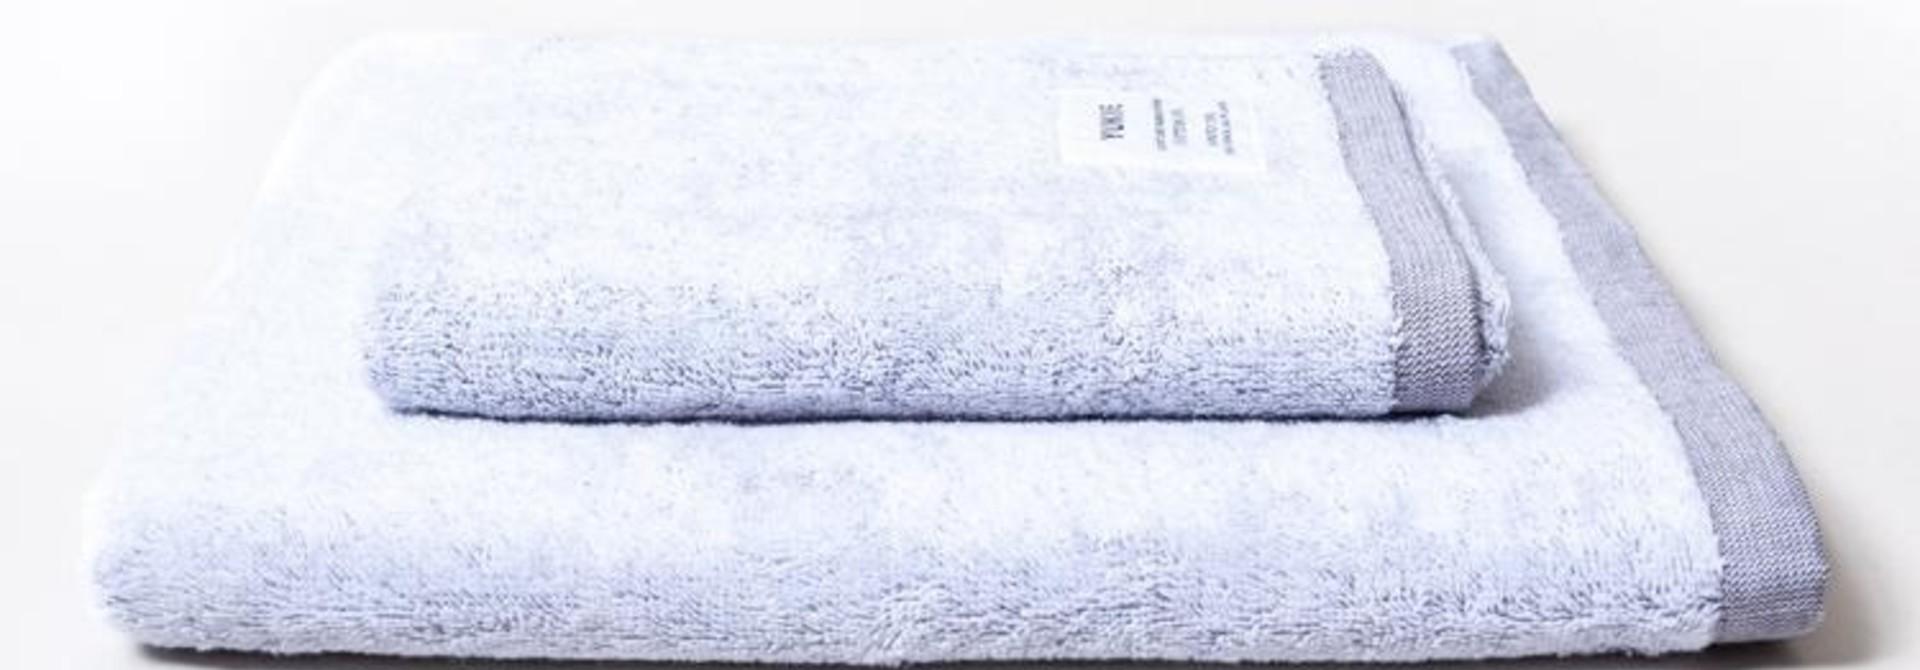 Yukine Bath Towel - Lt. Grey